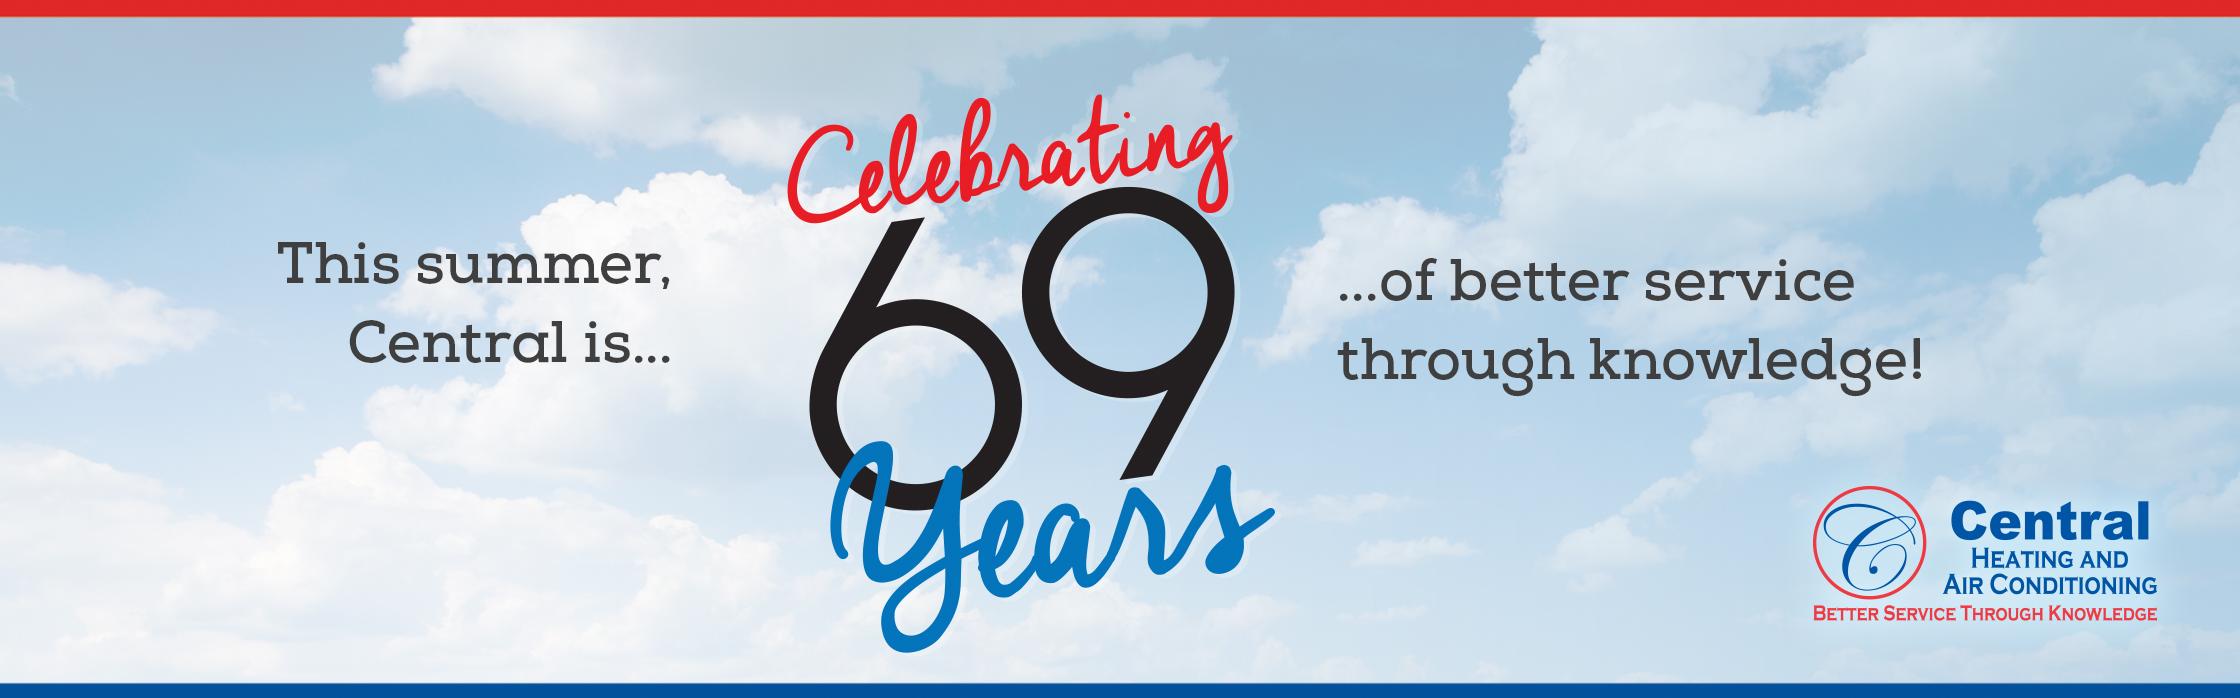 69Y-web-banner